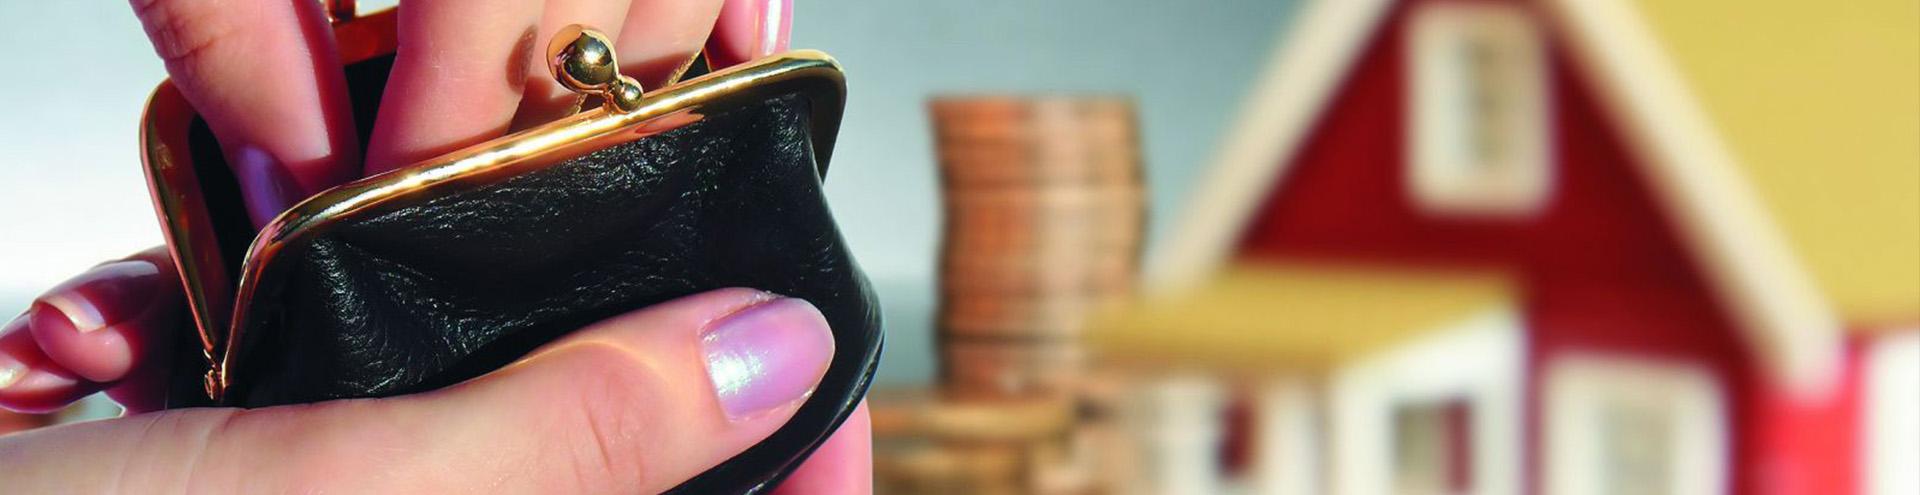 реструктуризация долга при банкротстве физического лица в Чебоксарах